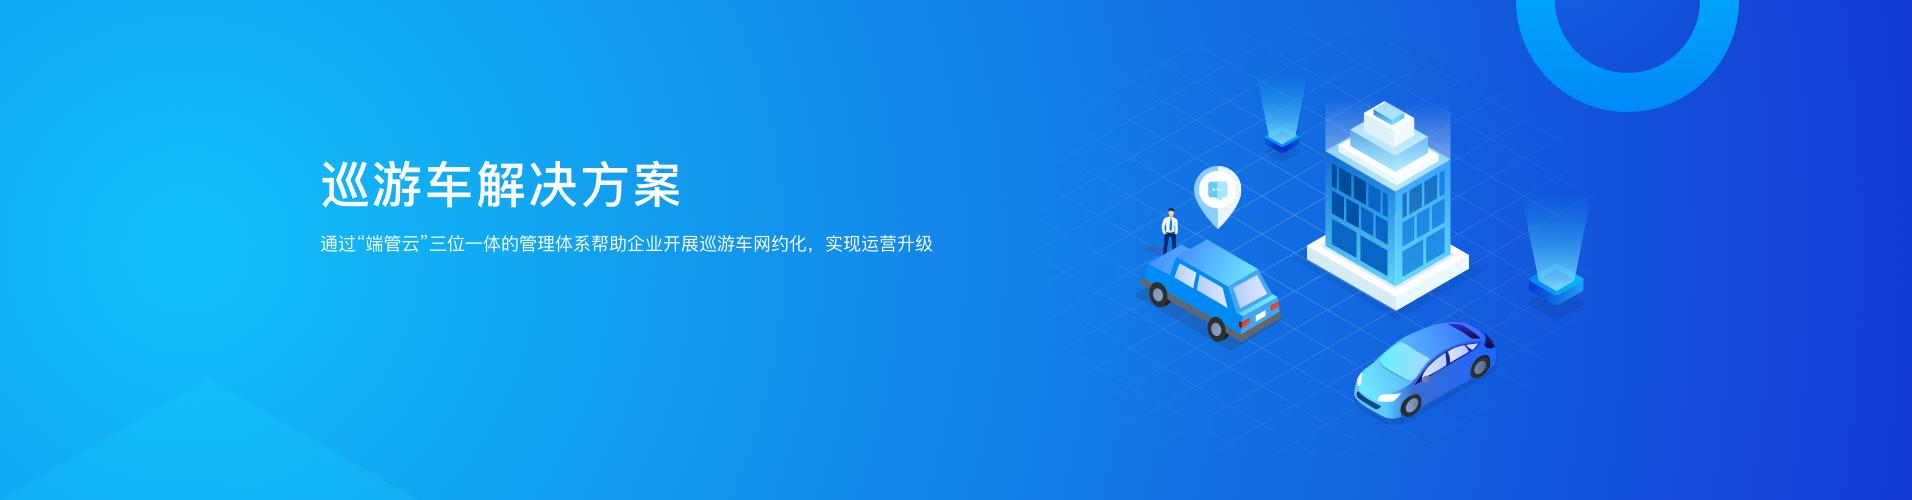 广联赛讯巡游车解决方案